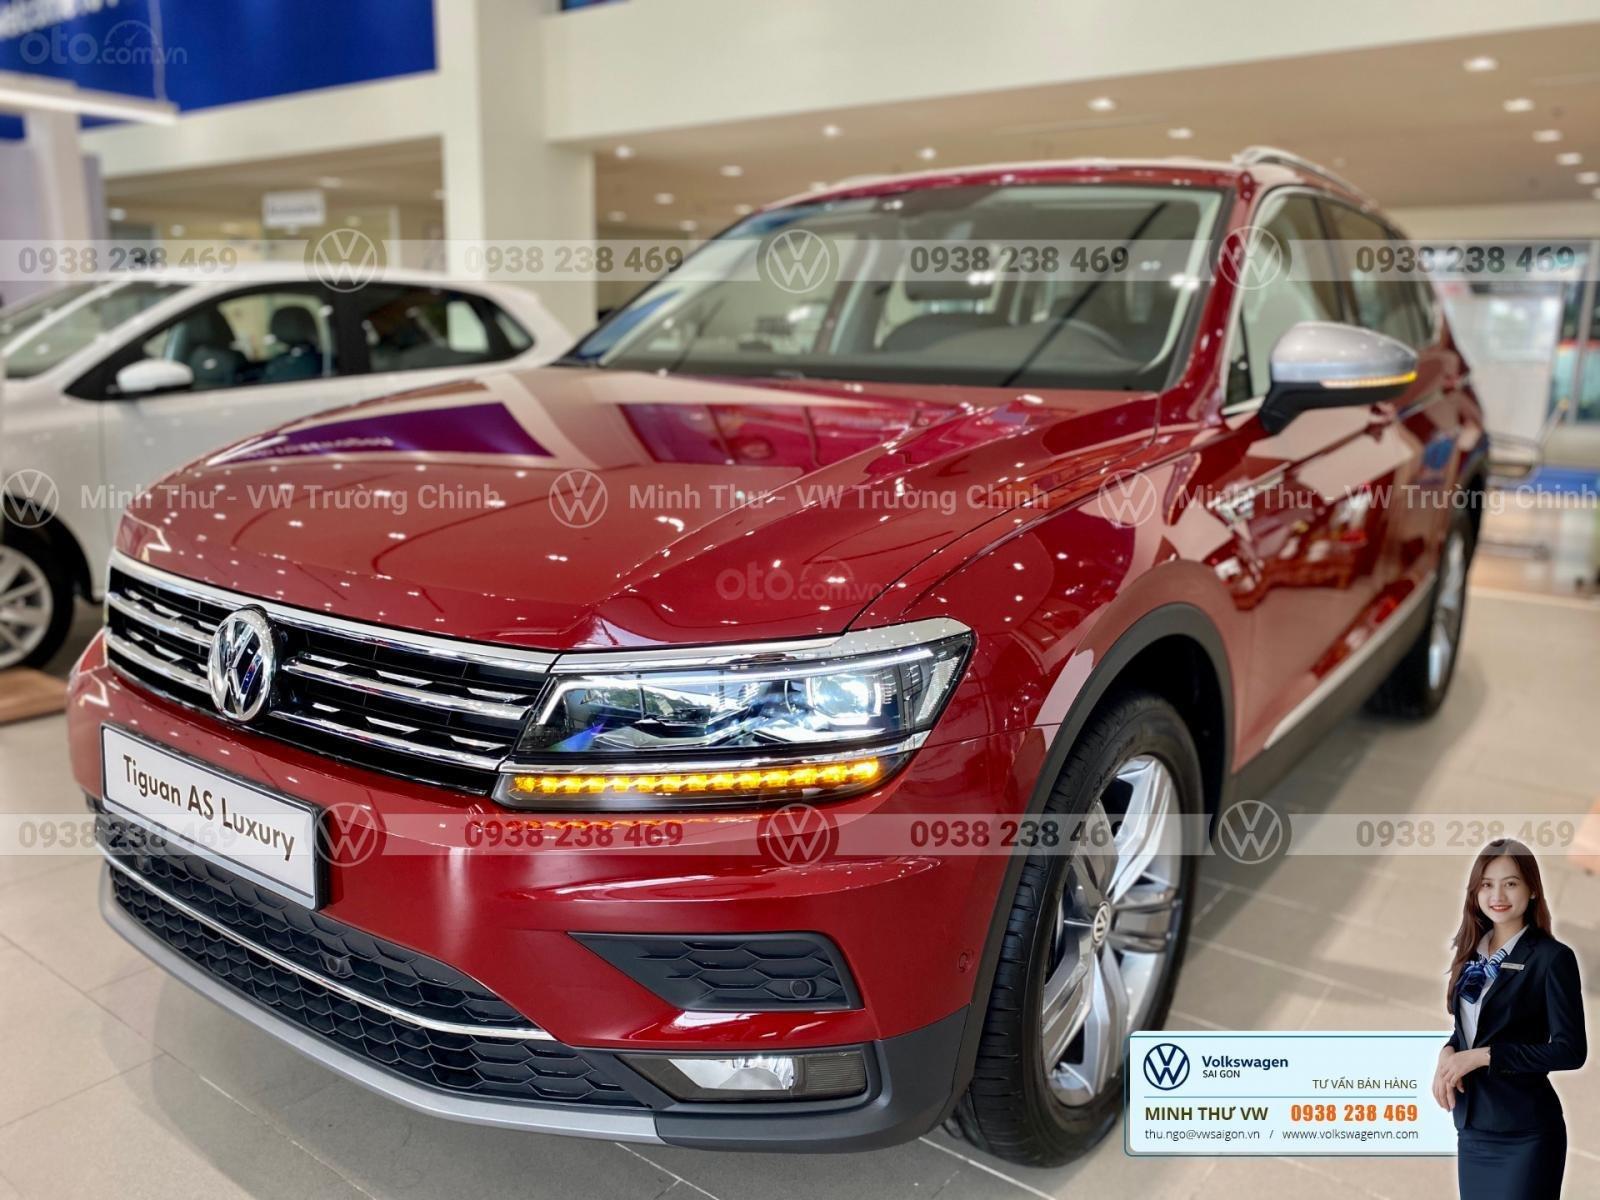 Tiguan allspace Luxury màu đỏ - Giảm 120 triệu tiền mặt + quà tặng từ vw sài gòn - Lái thử tận nhà (13)